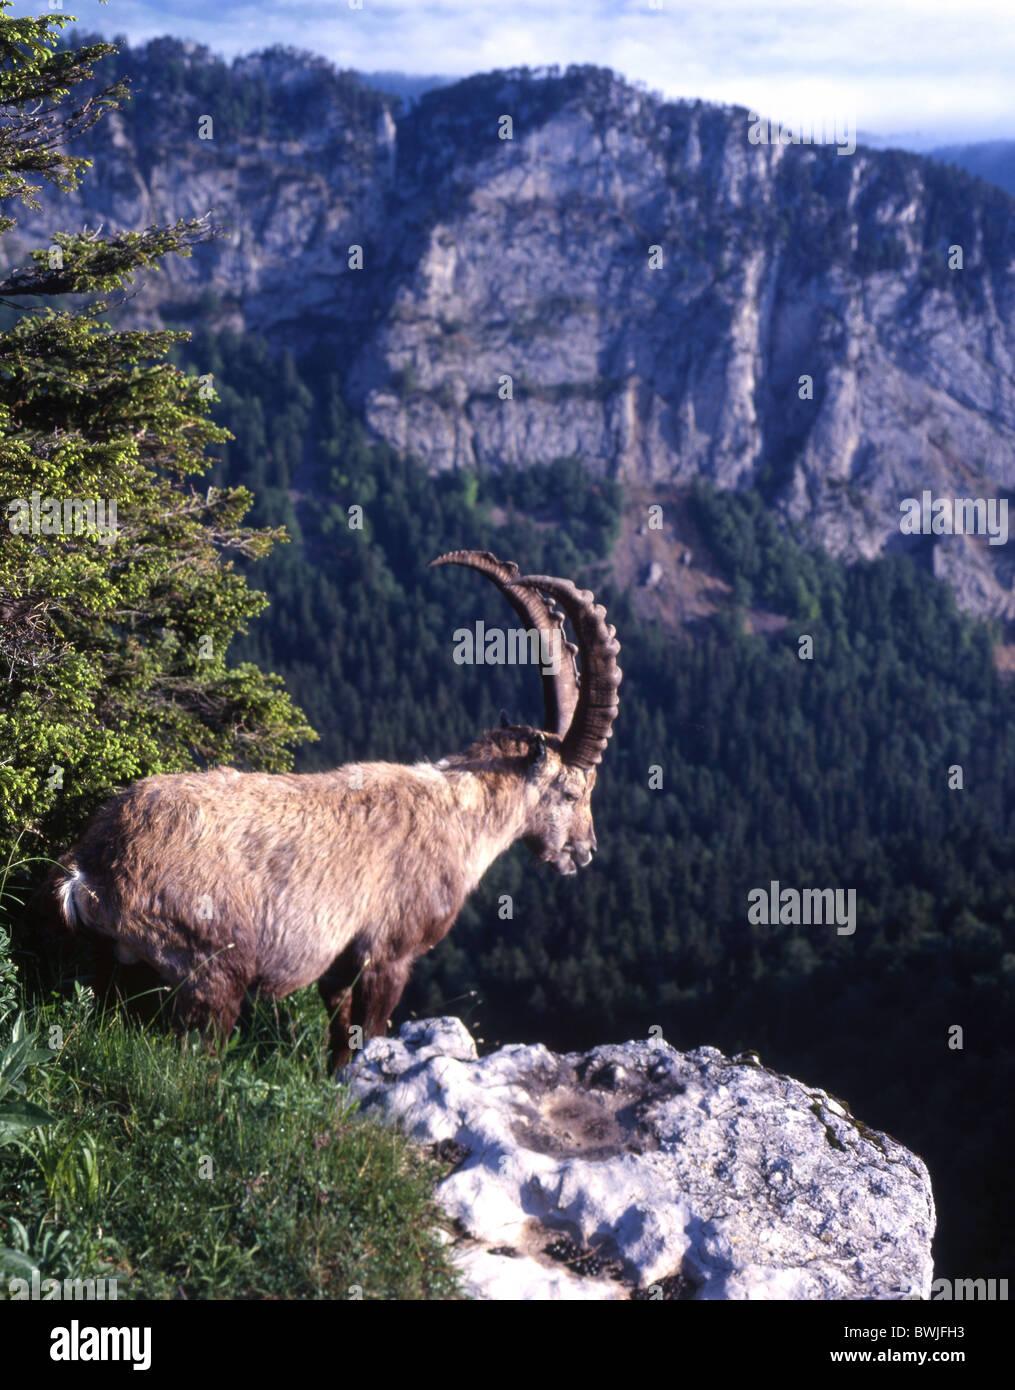 Capricorn Steinbock Creux du van Kanton Neuenburg Schweiz Europa Stockbild